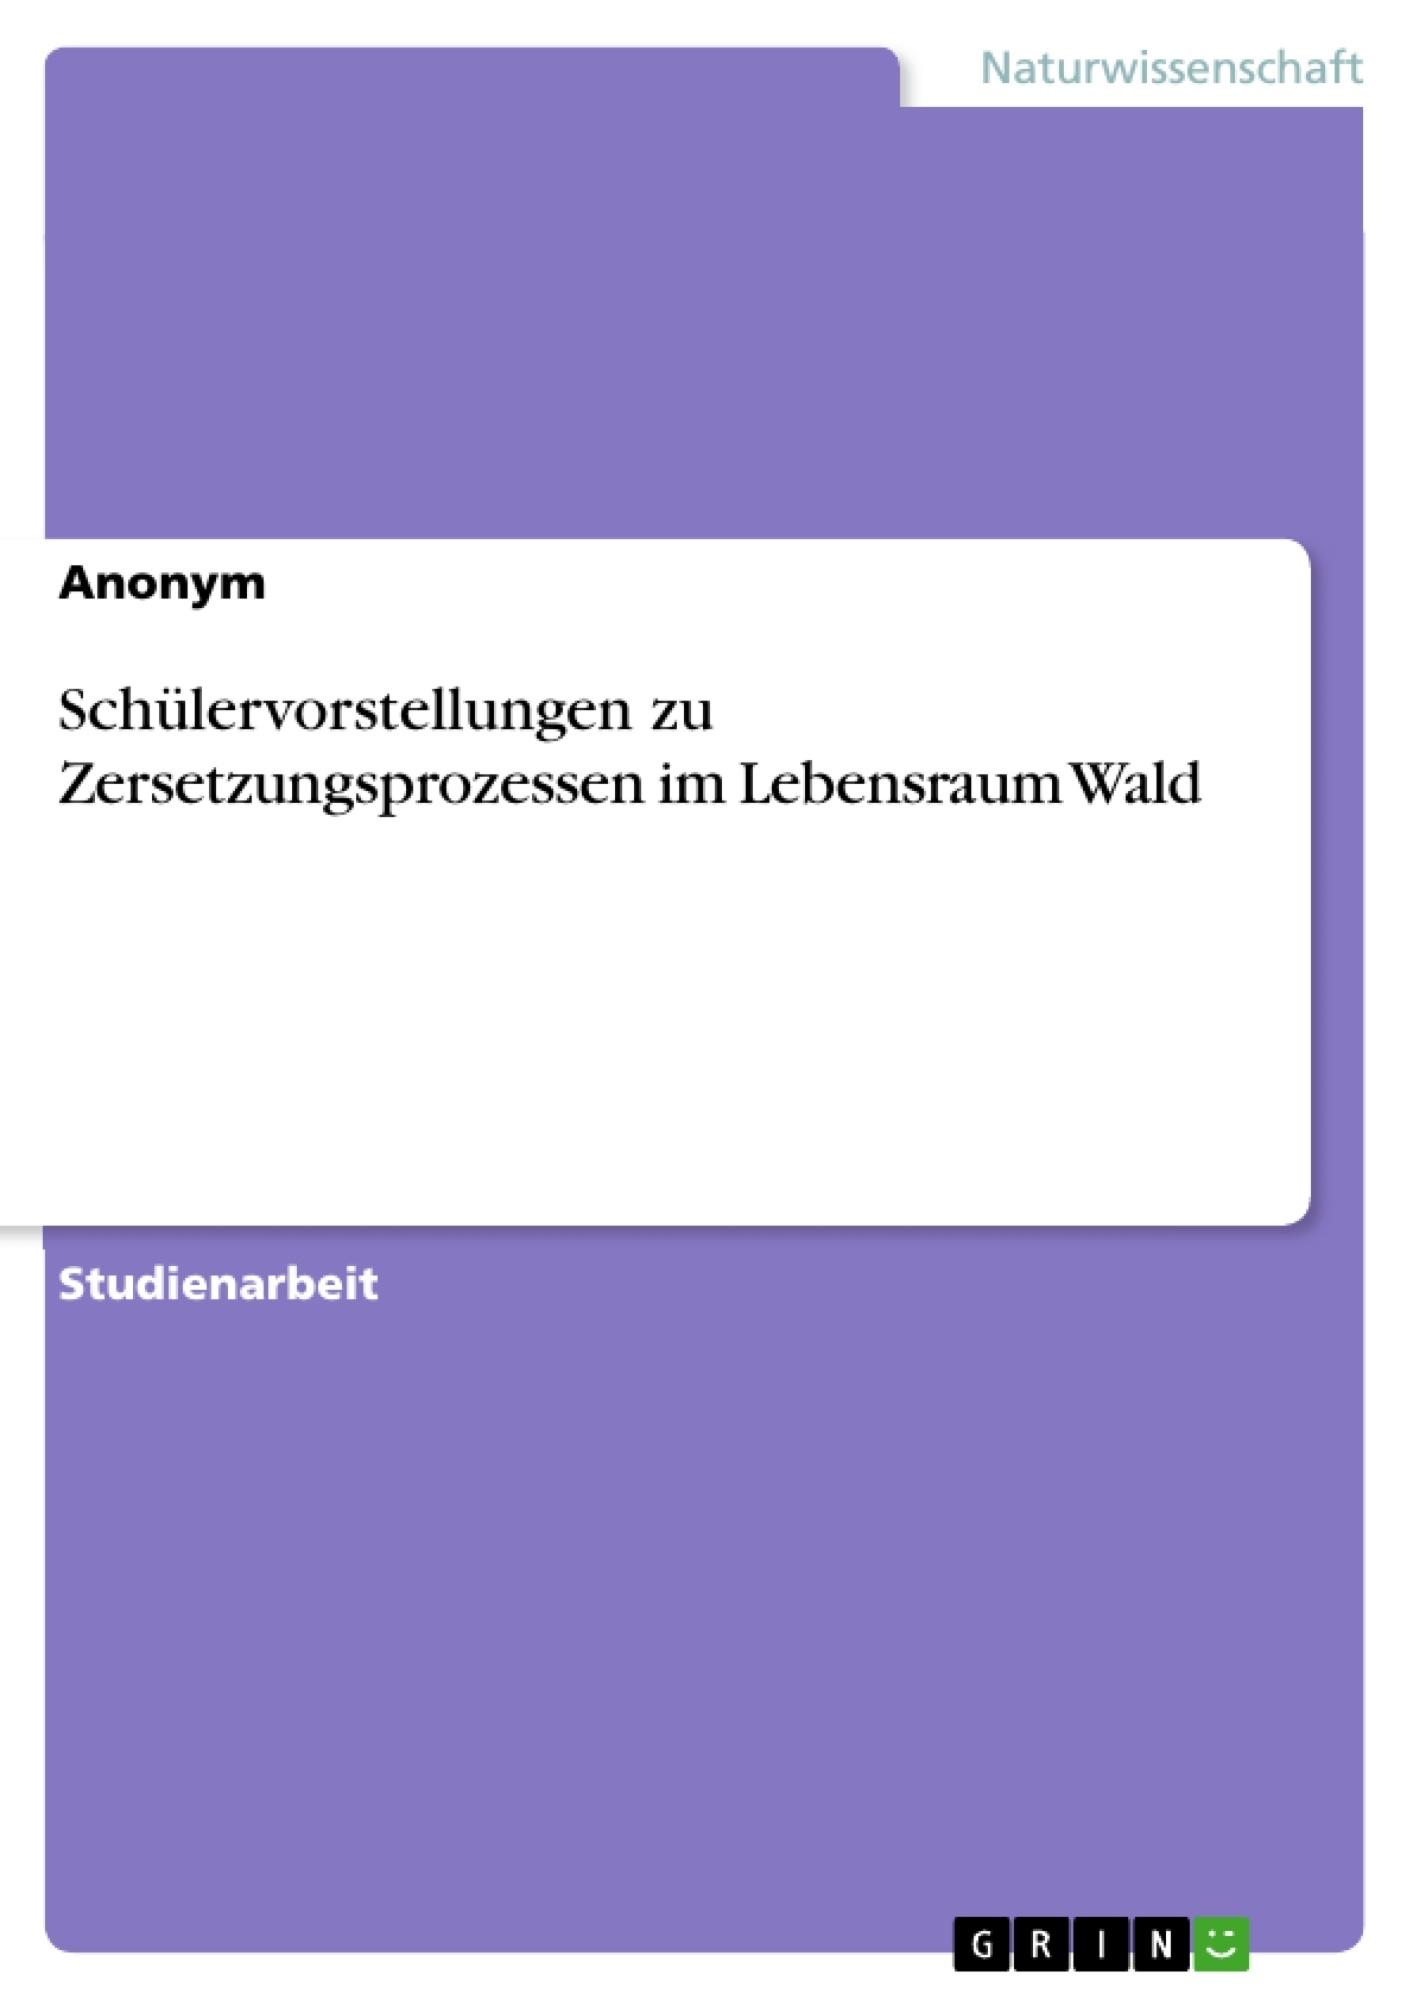 Titel: Schülervorstellungen zu Zersetzungsprozessen im Lebensraum Wald